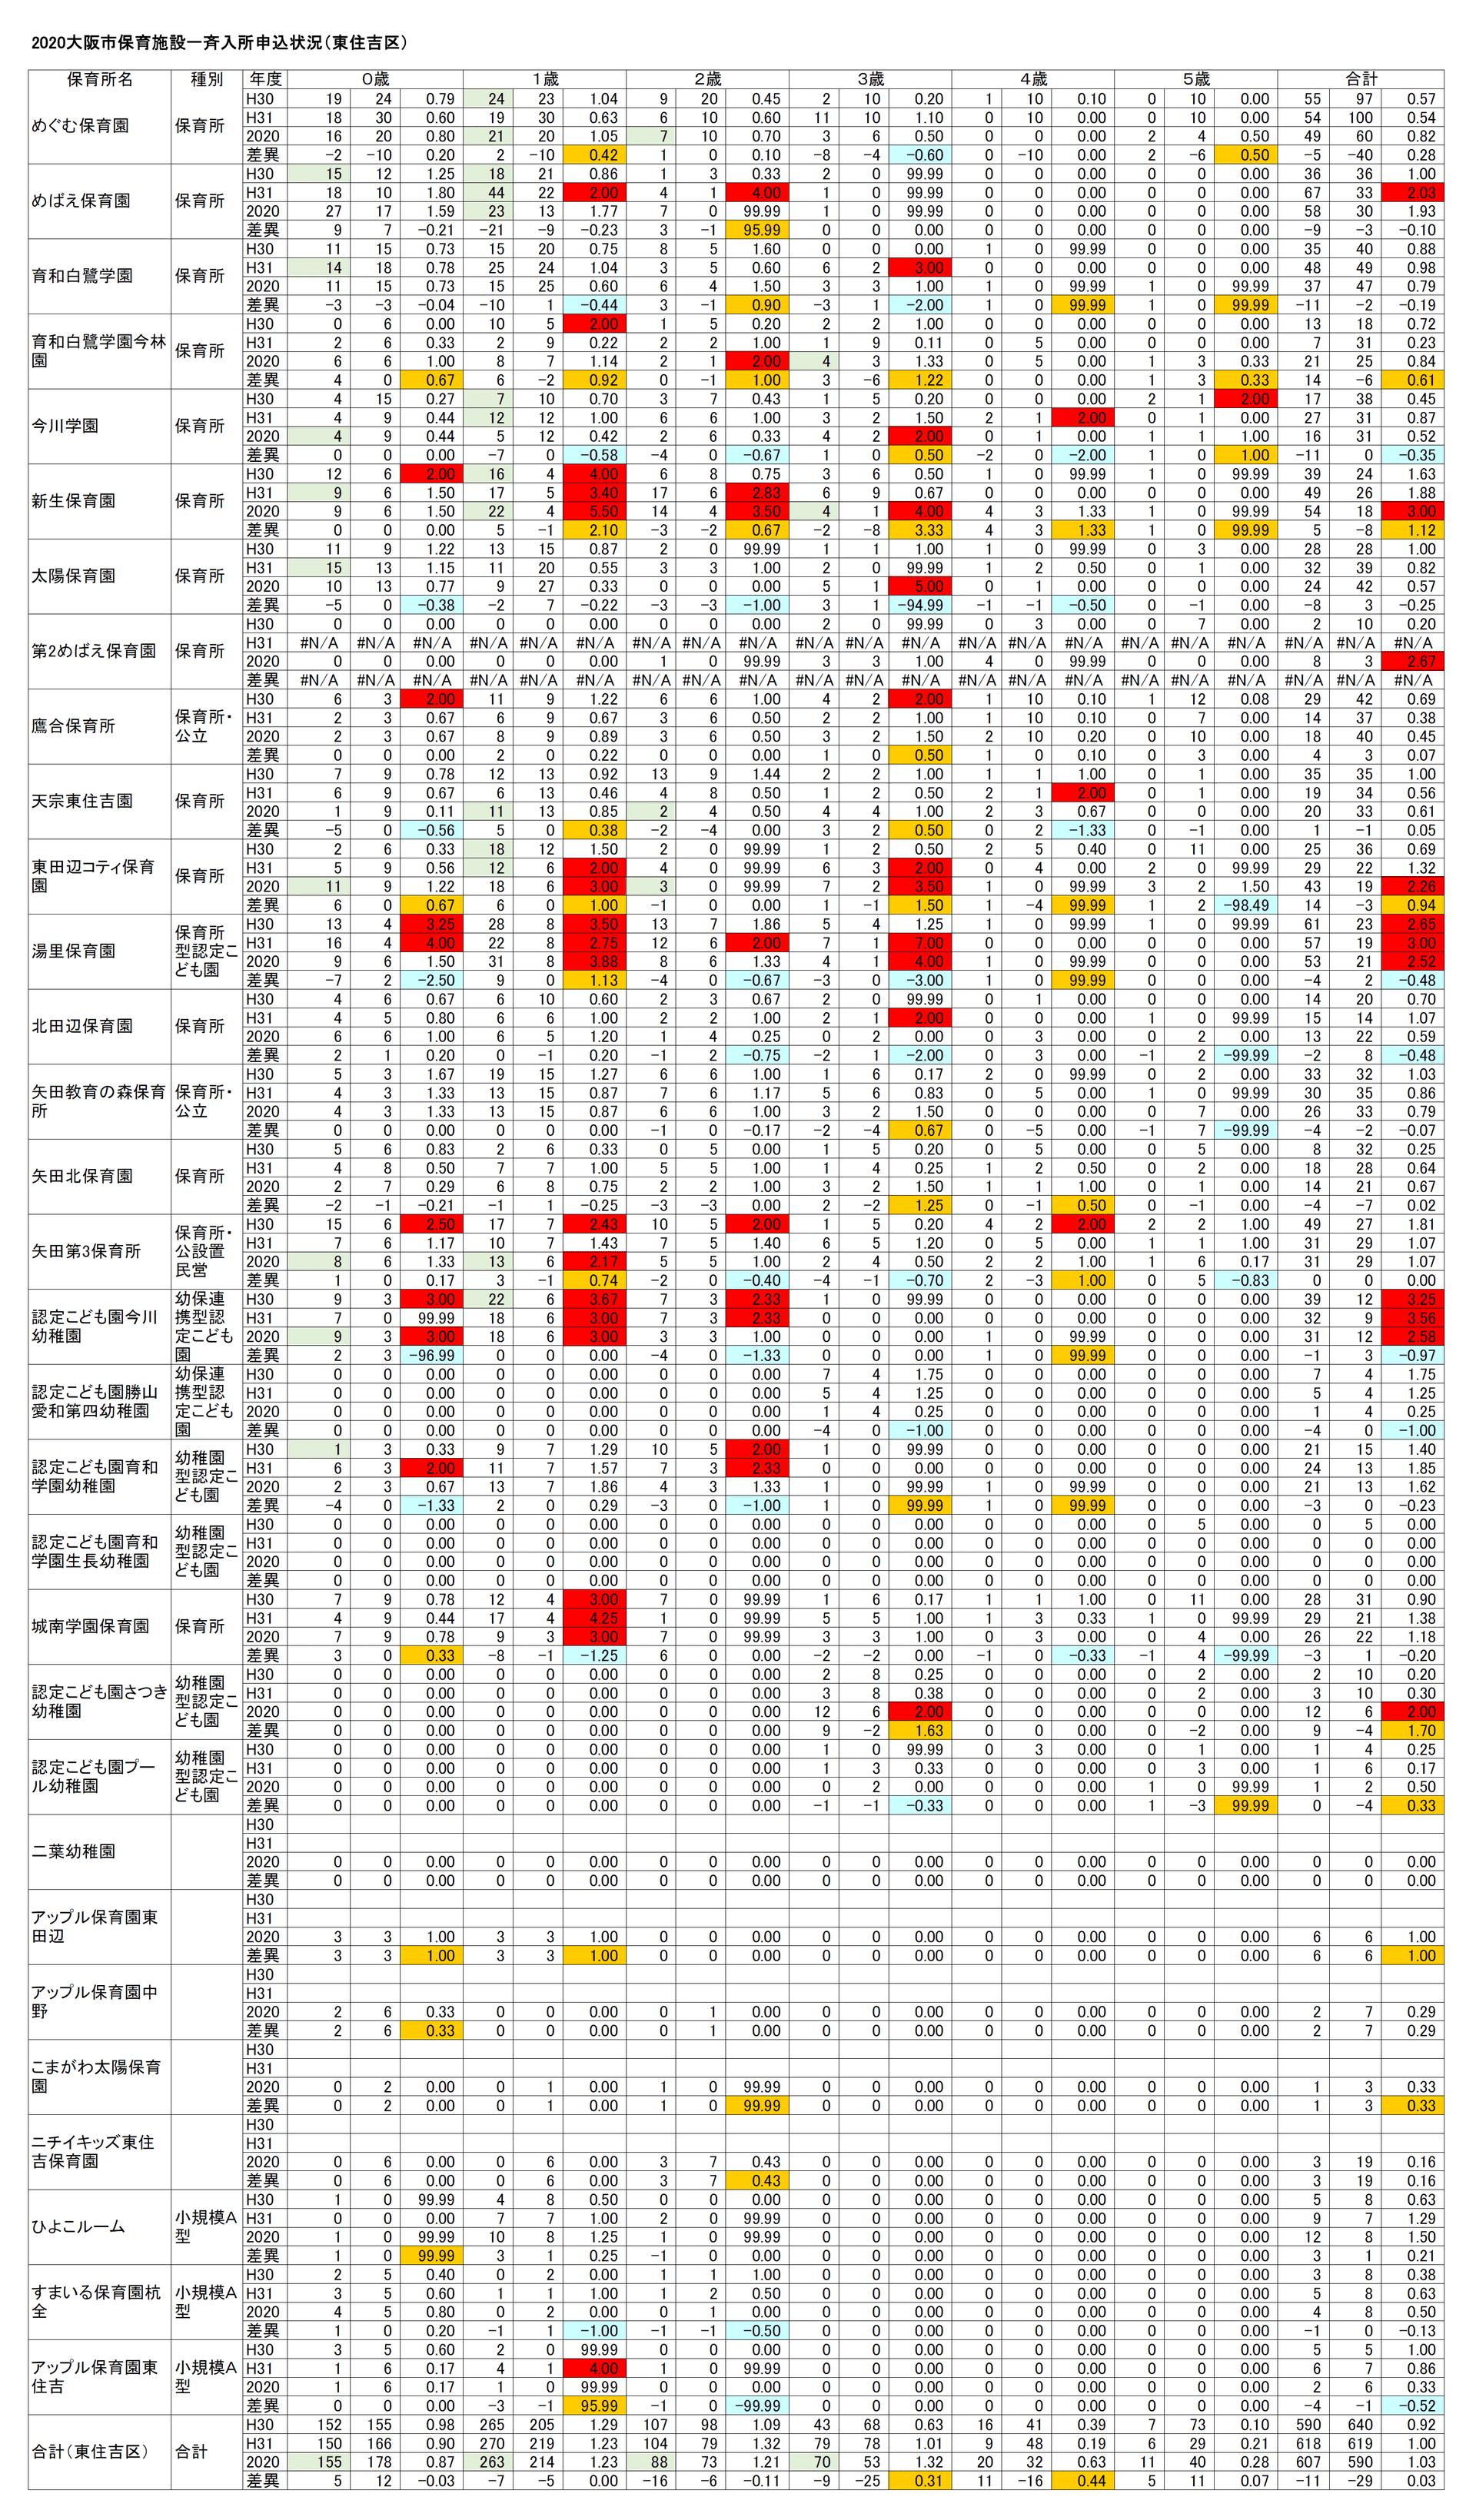 【2020保育所等一斉入所申込分析】(14)大阪市東住吉区